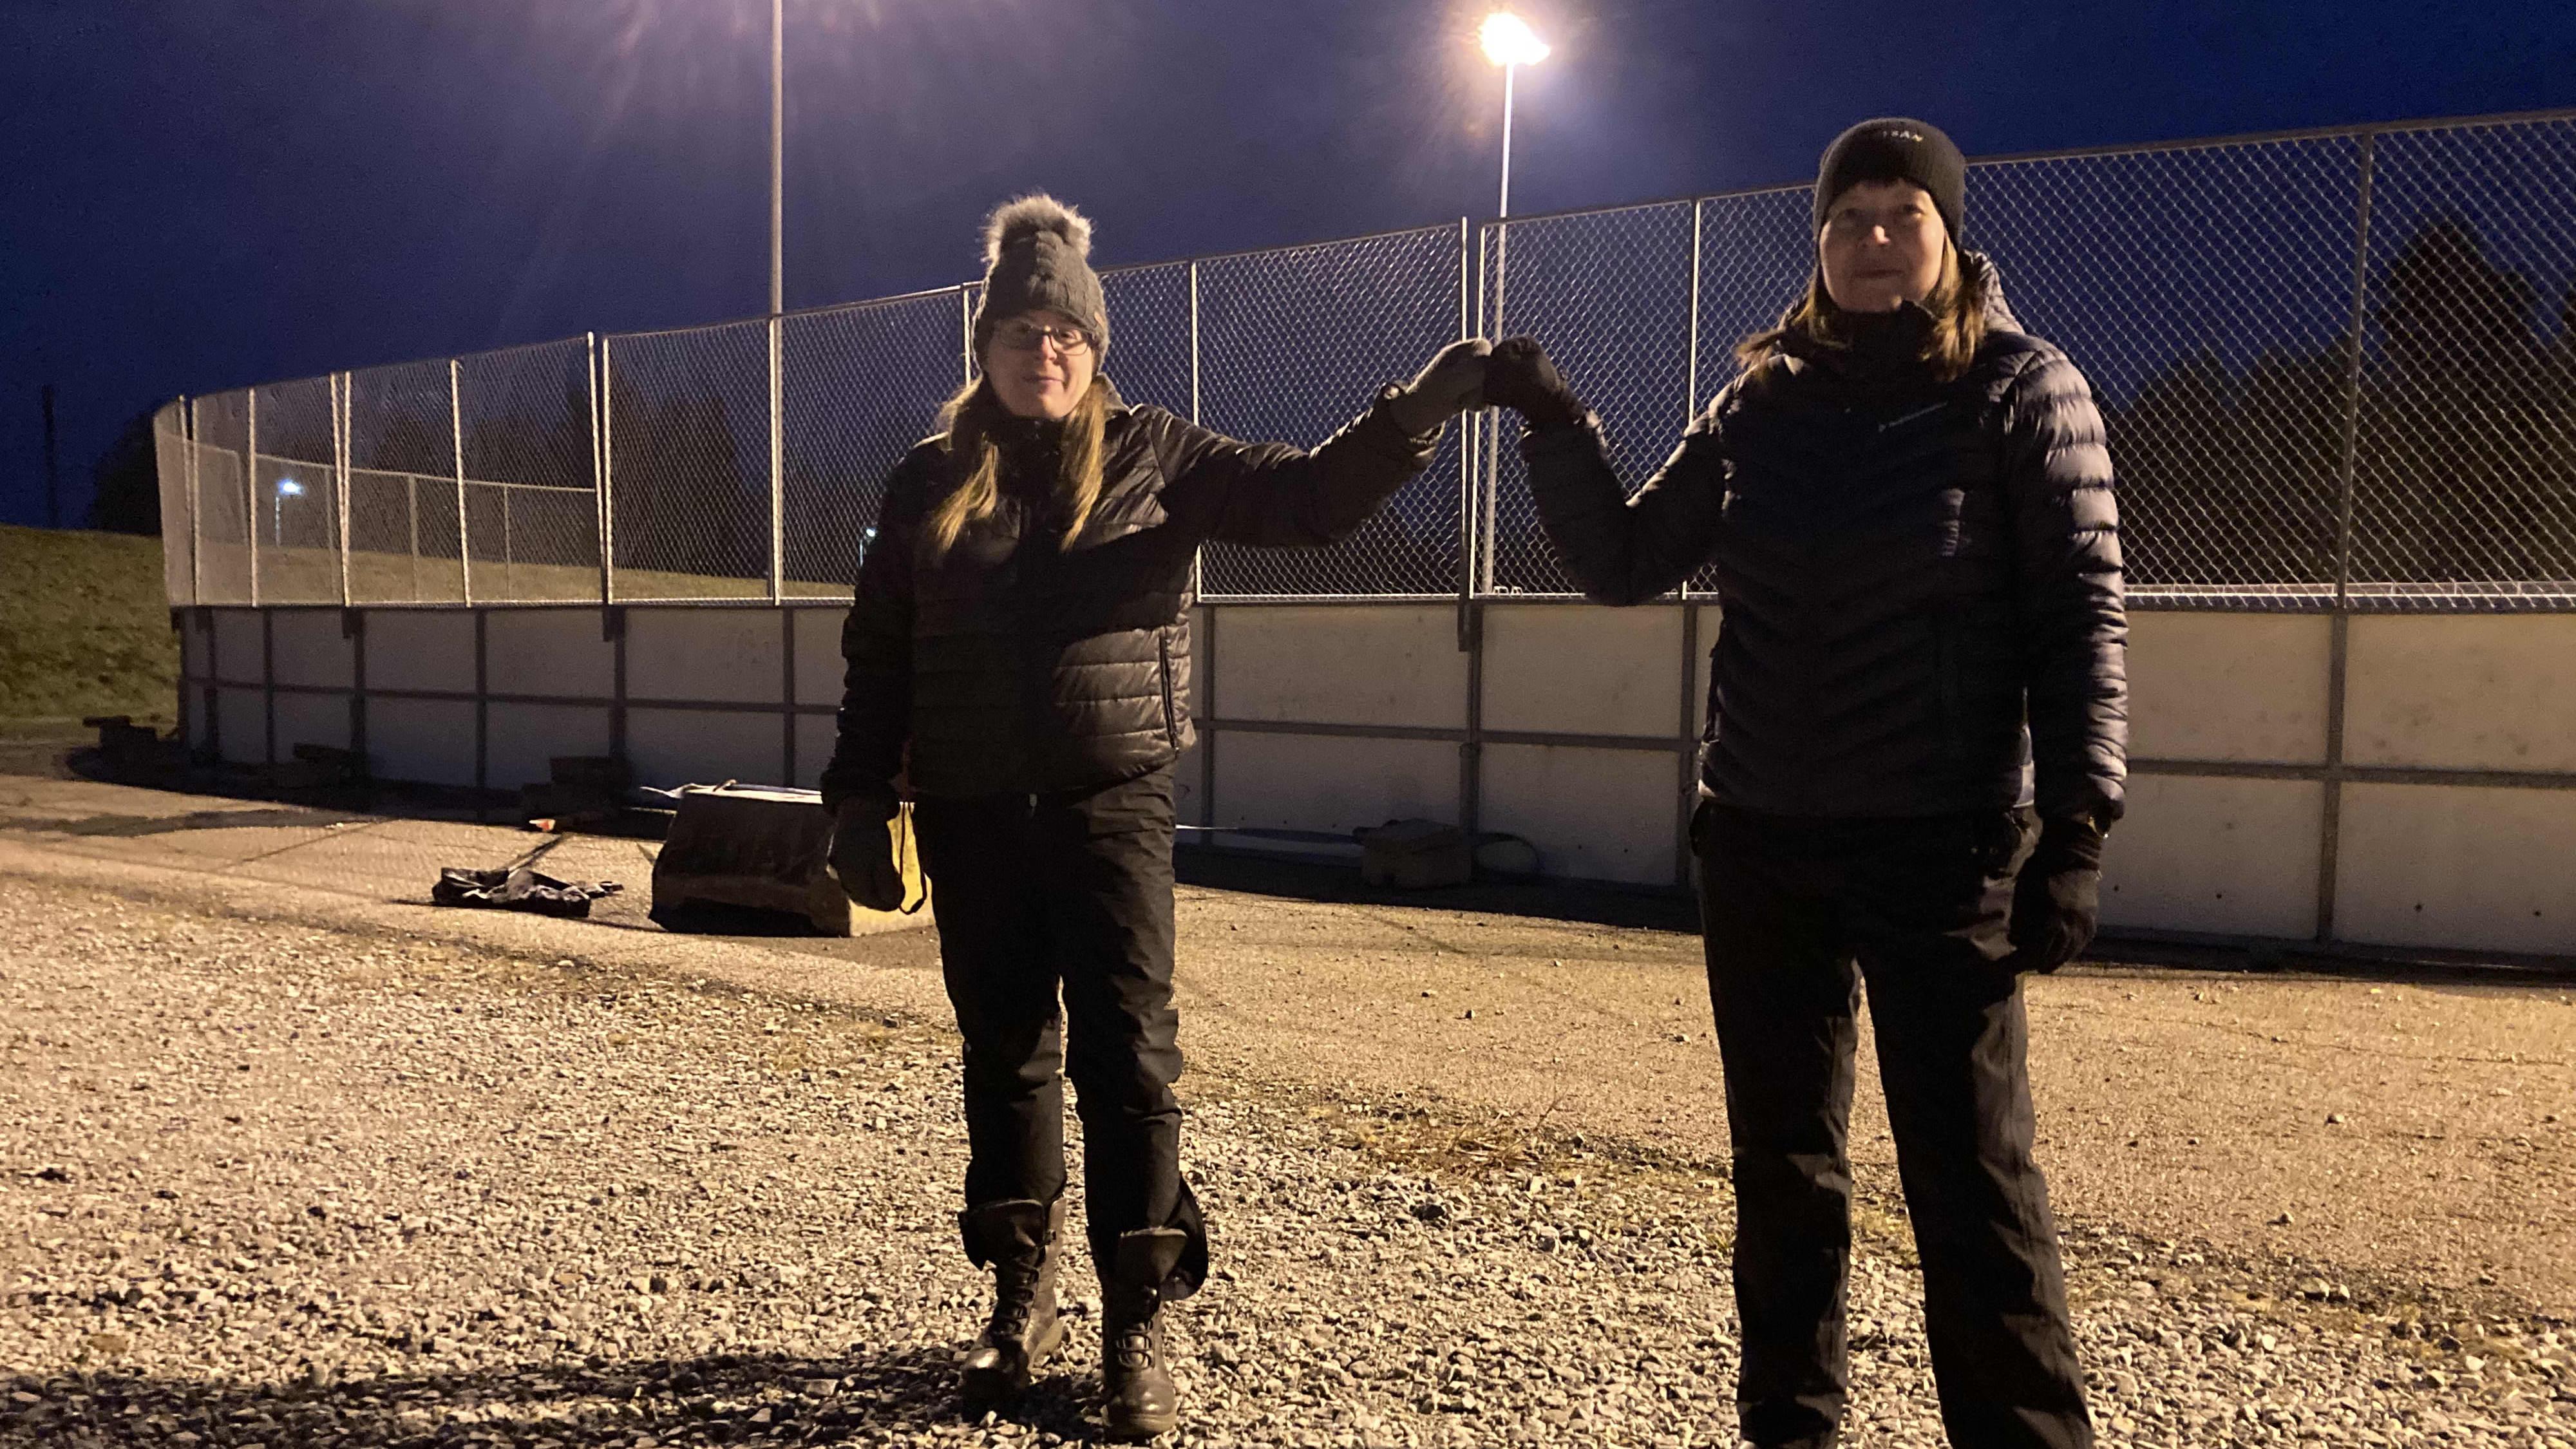 Kuvassa Toholammin Urheilijoiden Sari Pajakoski ja Satu Wirkkala seisovat urheilukentän edessä